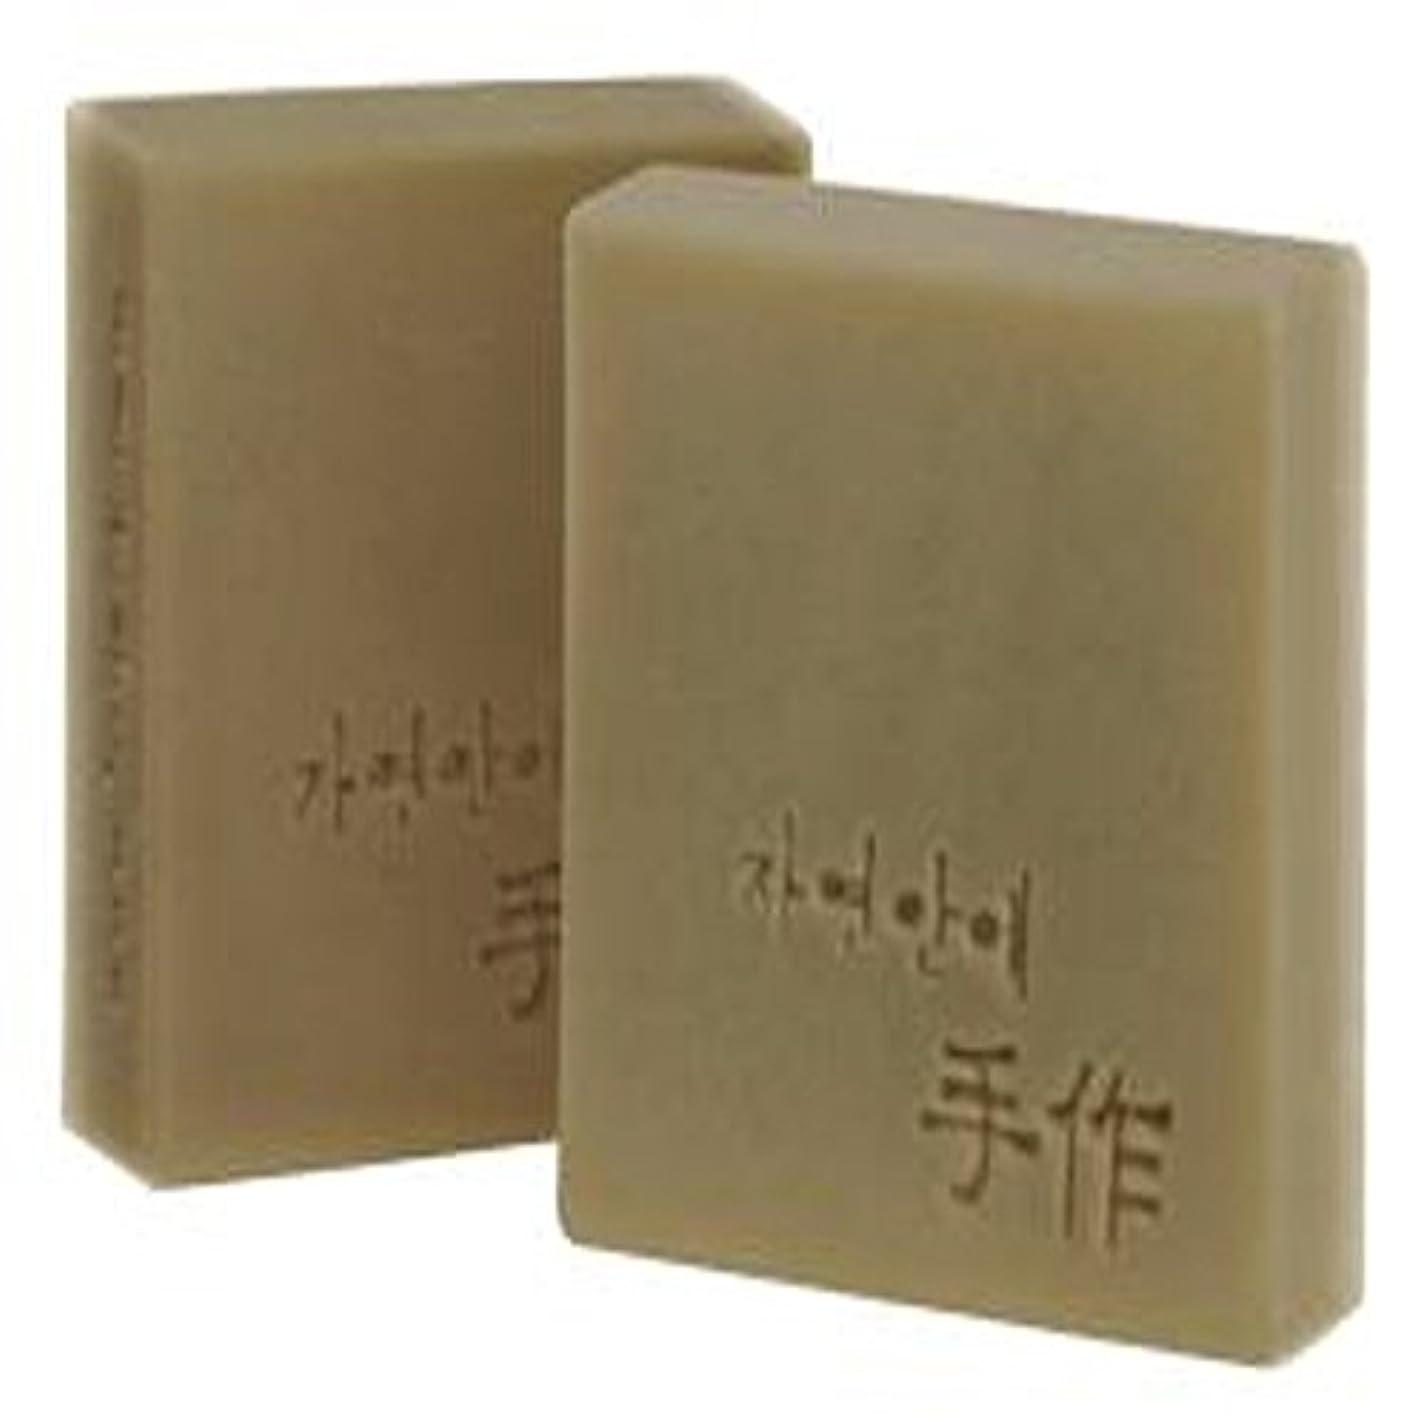 不完全な繊維見かけ上Natural organic 有機天然ソープ 固形 無添加 洗顔せっけんクレンジング 石鹸 [並行輸入品] (オートミール)